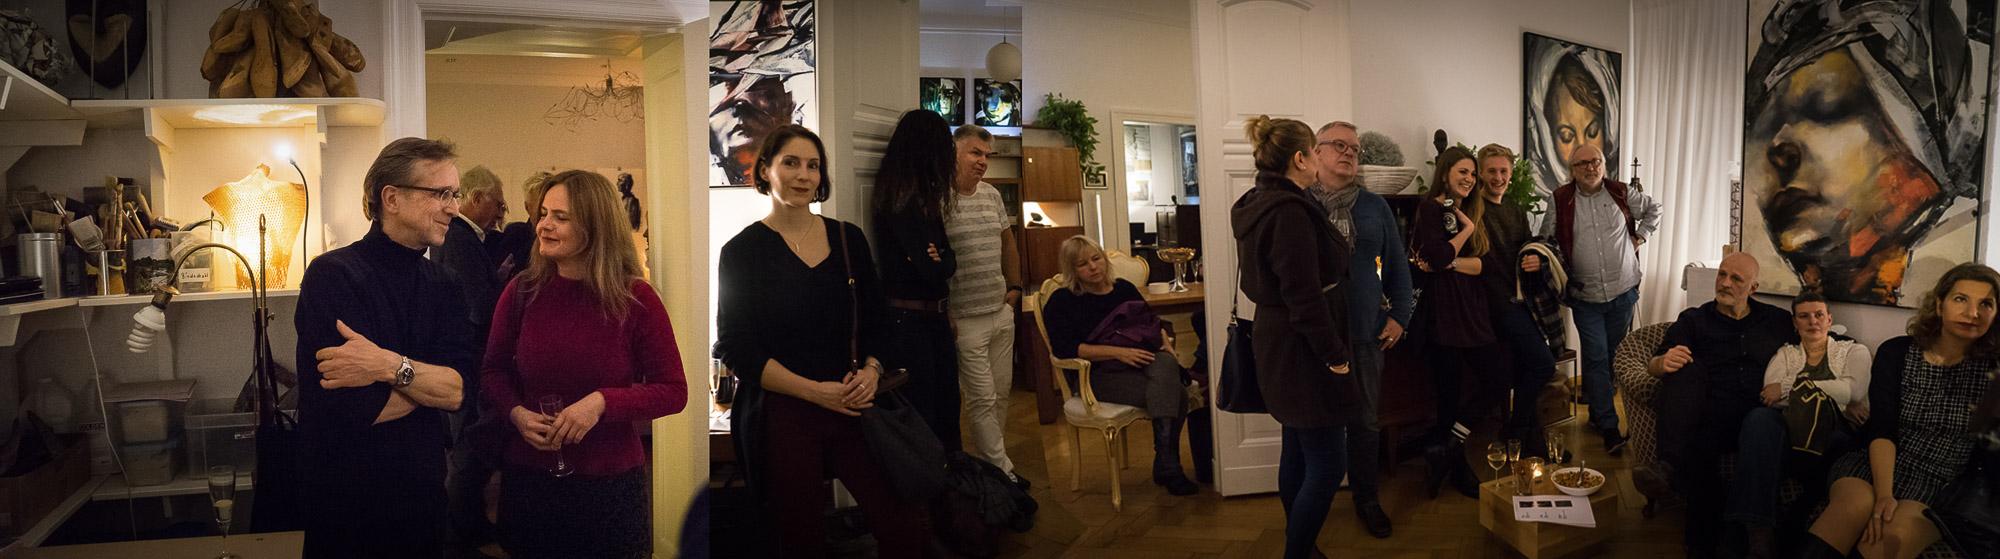 Kunstleben Berlin, Open Atelier